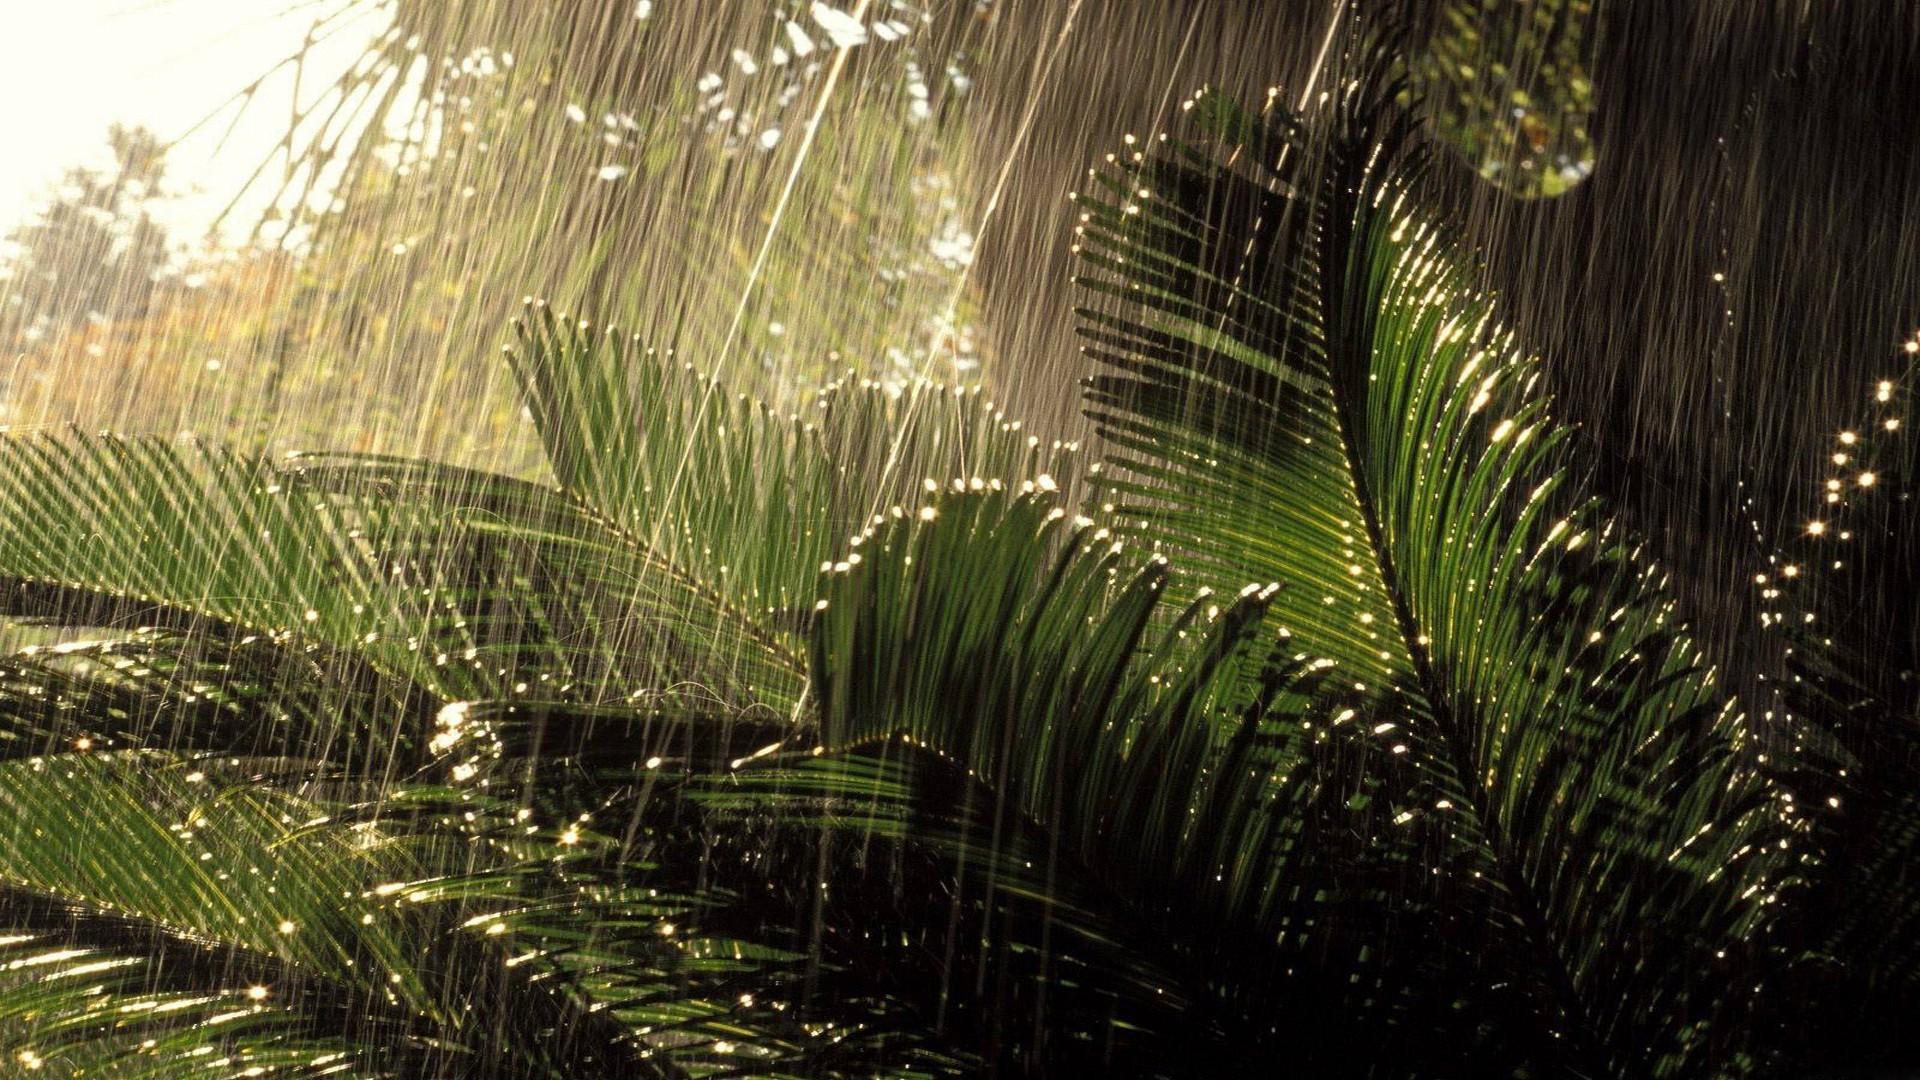 Rain Wallpaper 6010 1920x1080 px ~ HDWallSource.com